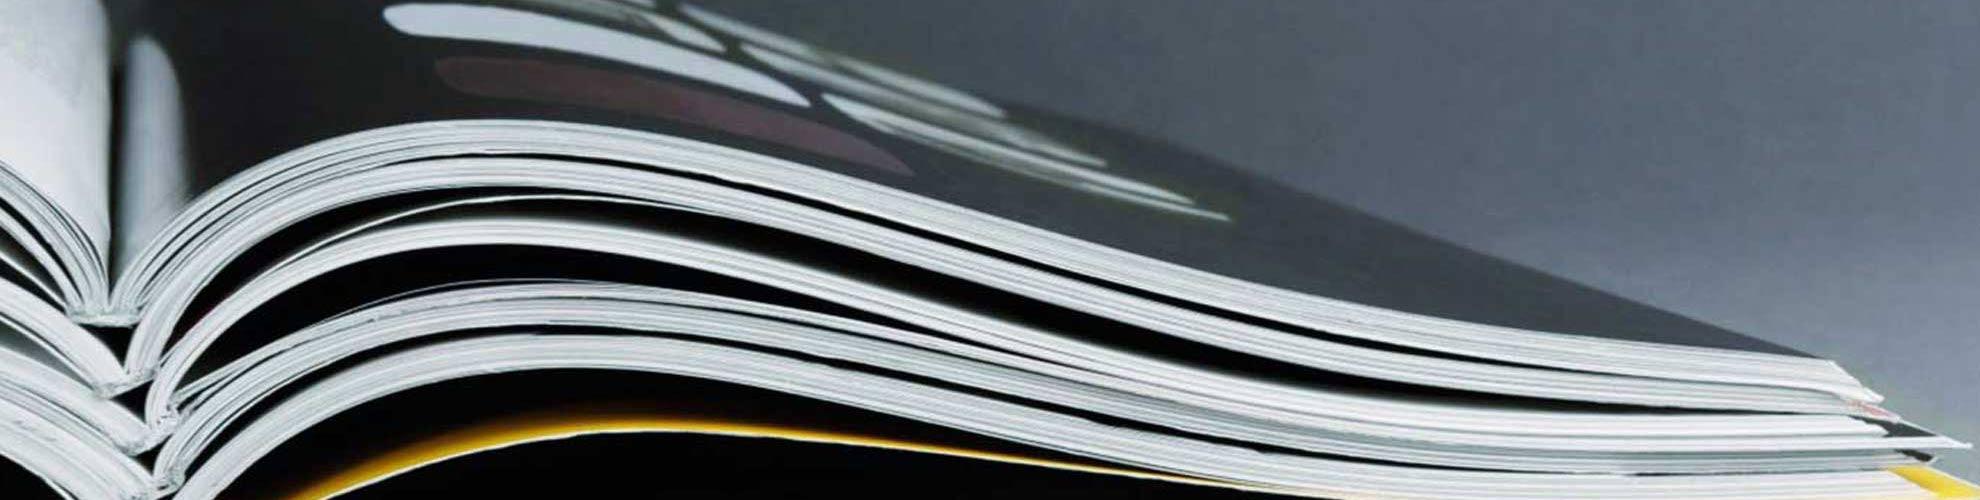 realizzazione cataloghi aziendali